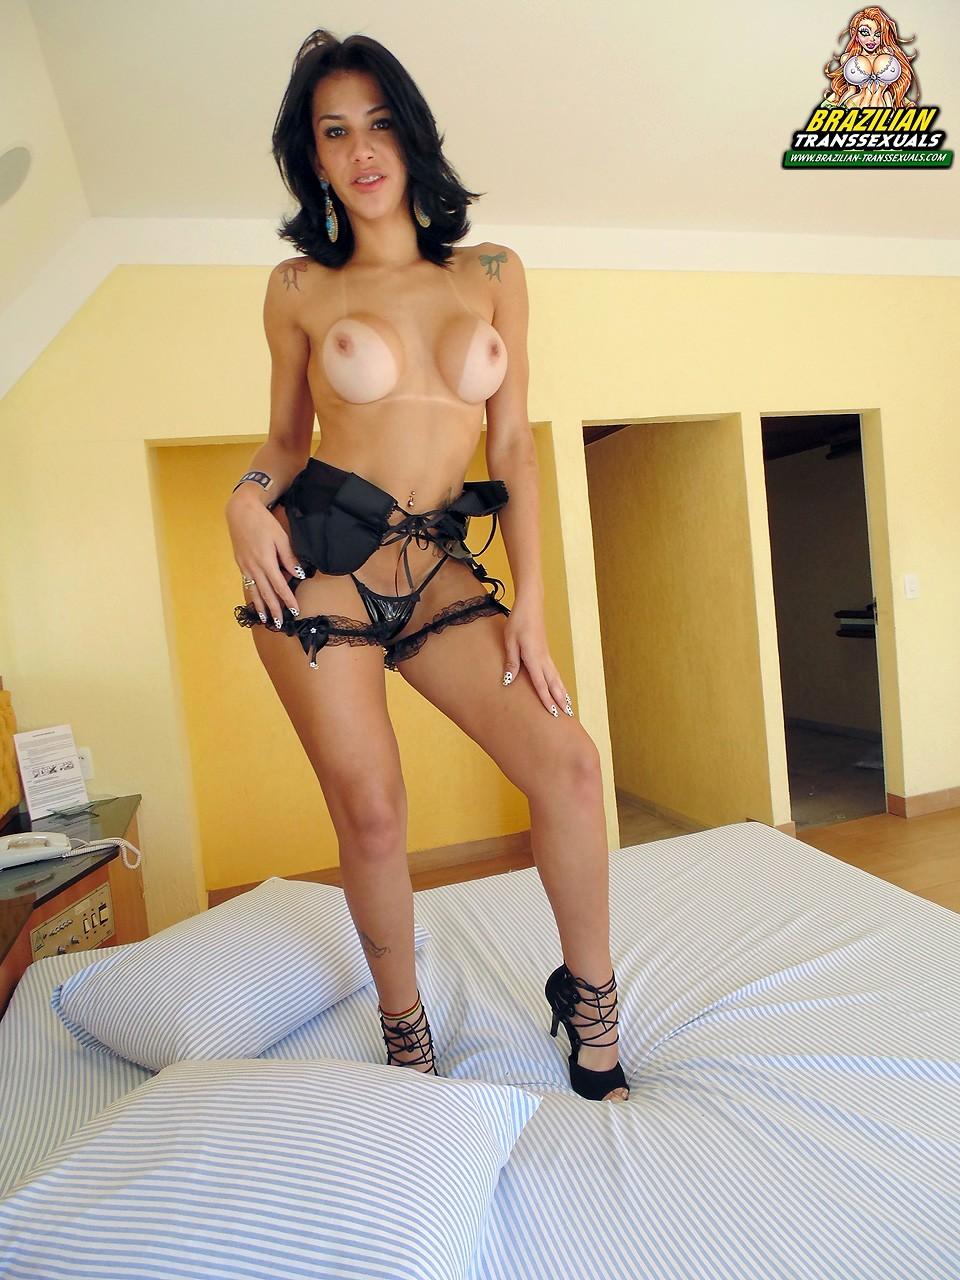 Fernanda Cristine Exposing Her Naked Tool